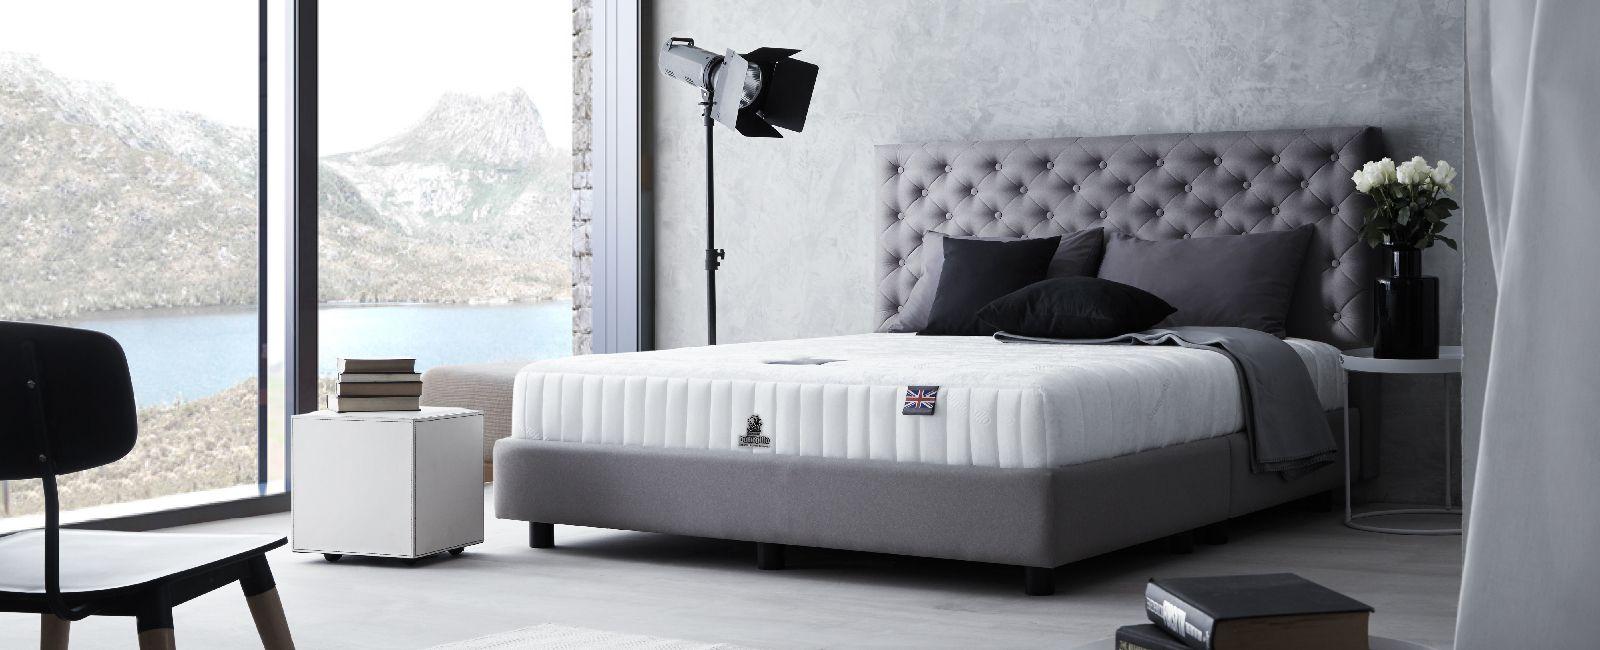 ที่นอนยางพารา ดีกว่าที่นอนธรรมดาอย่างไร